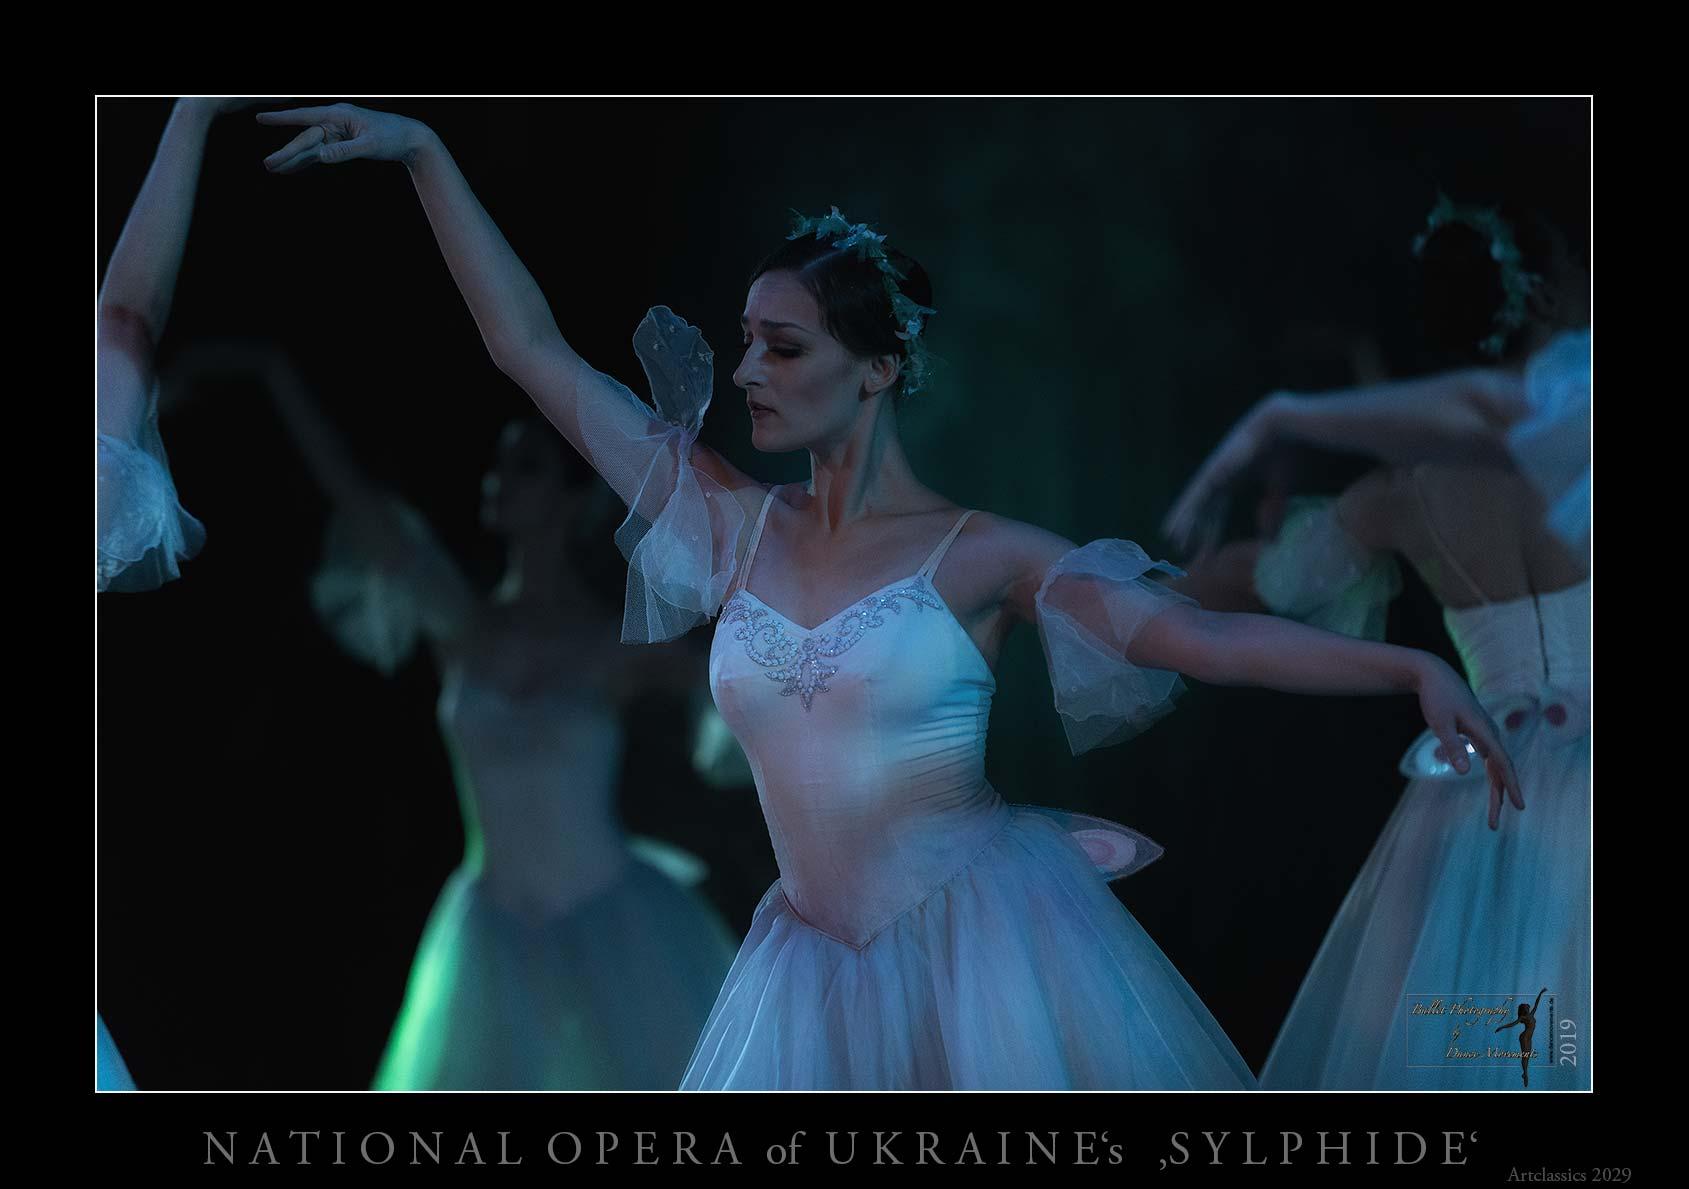 Sylphide-Kyiv-2019-04-27_1836-rahmen